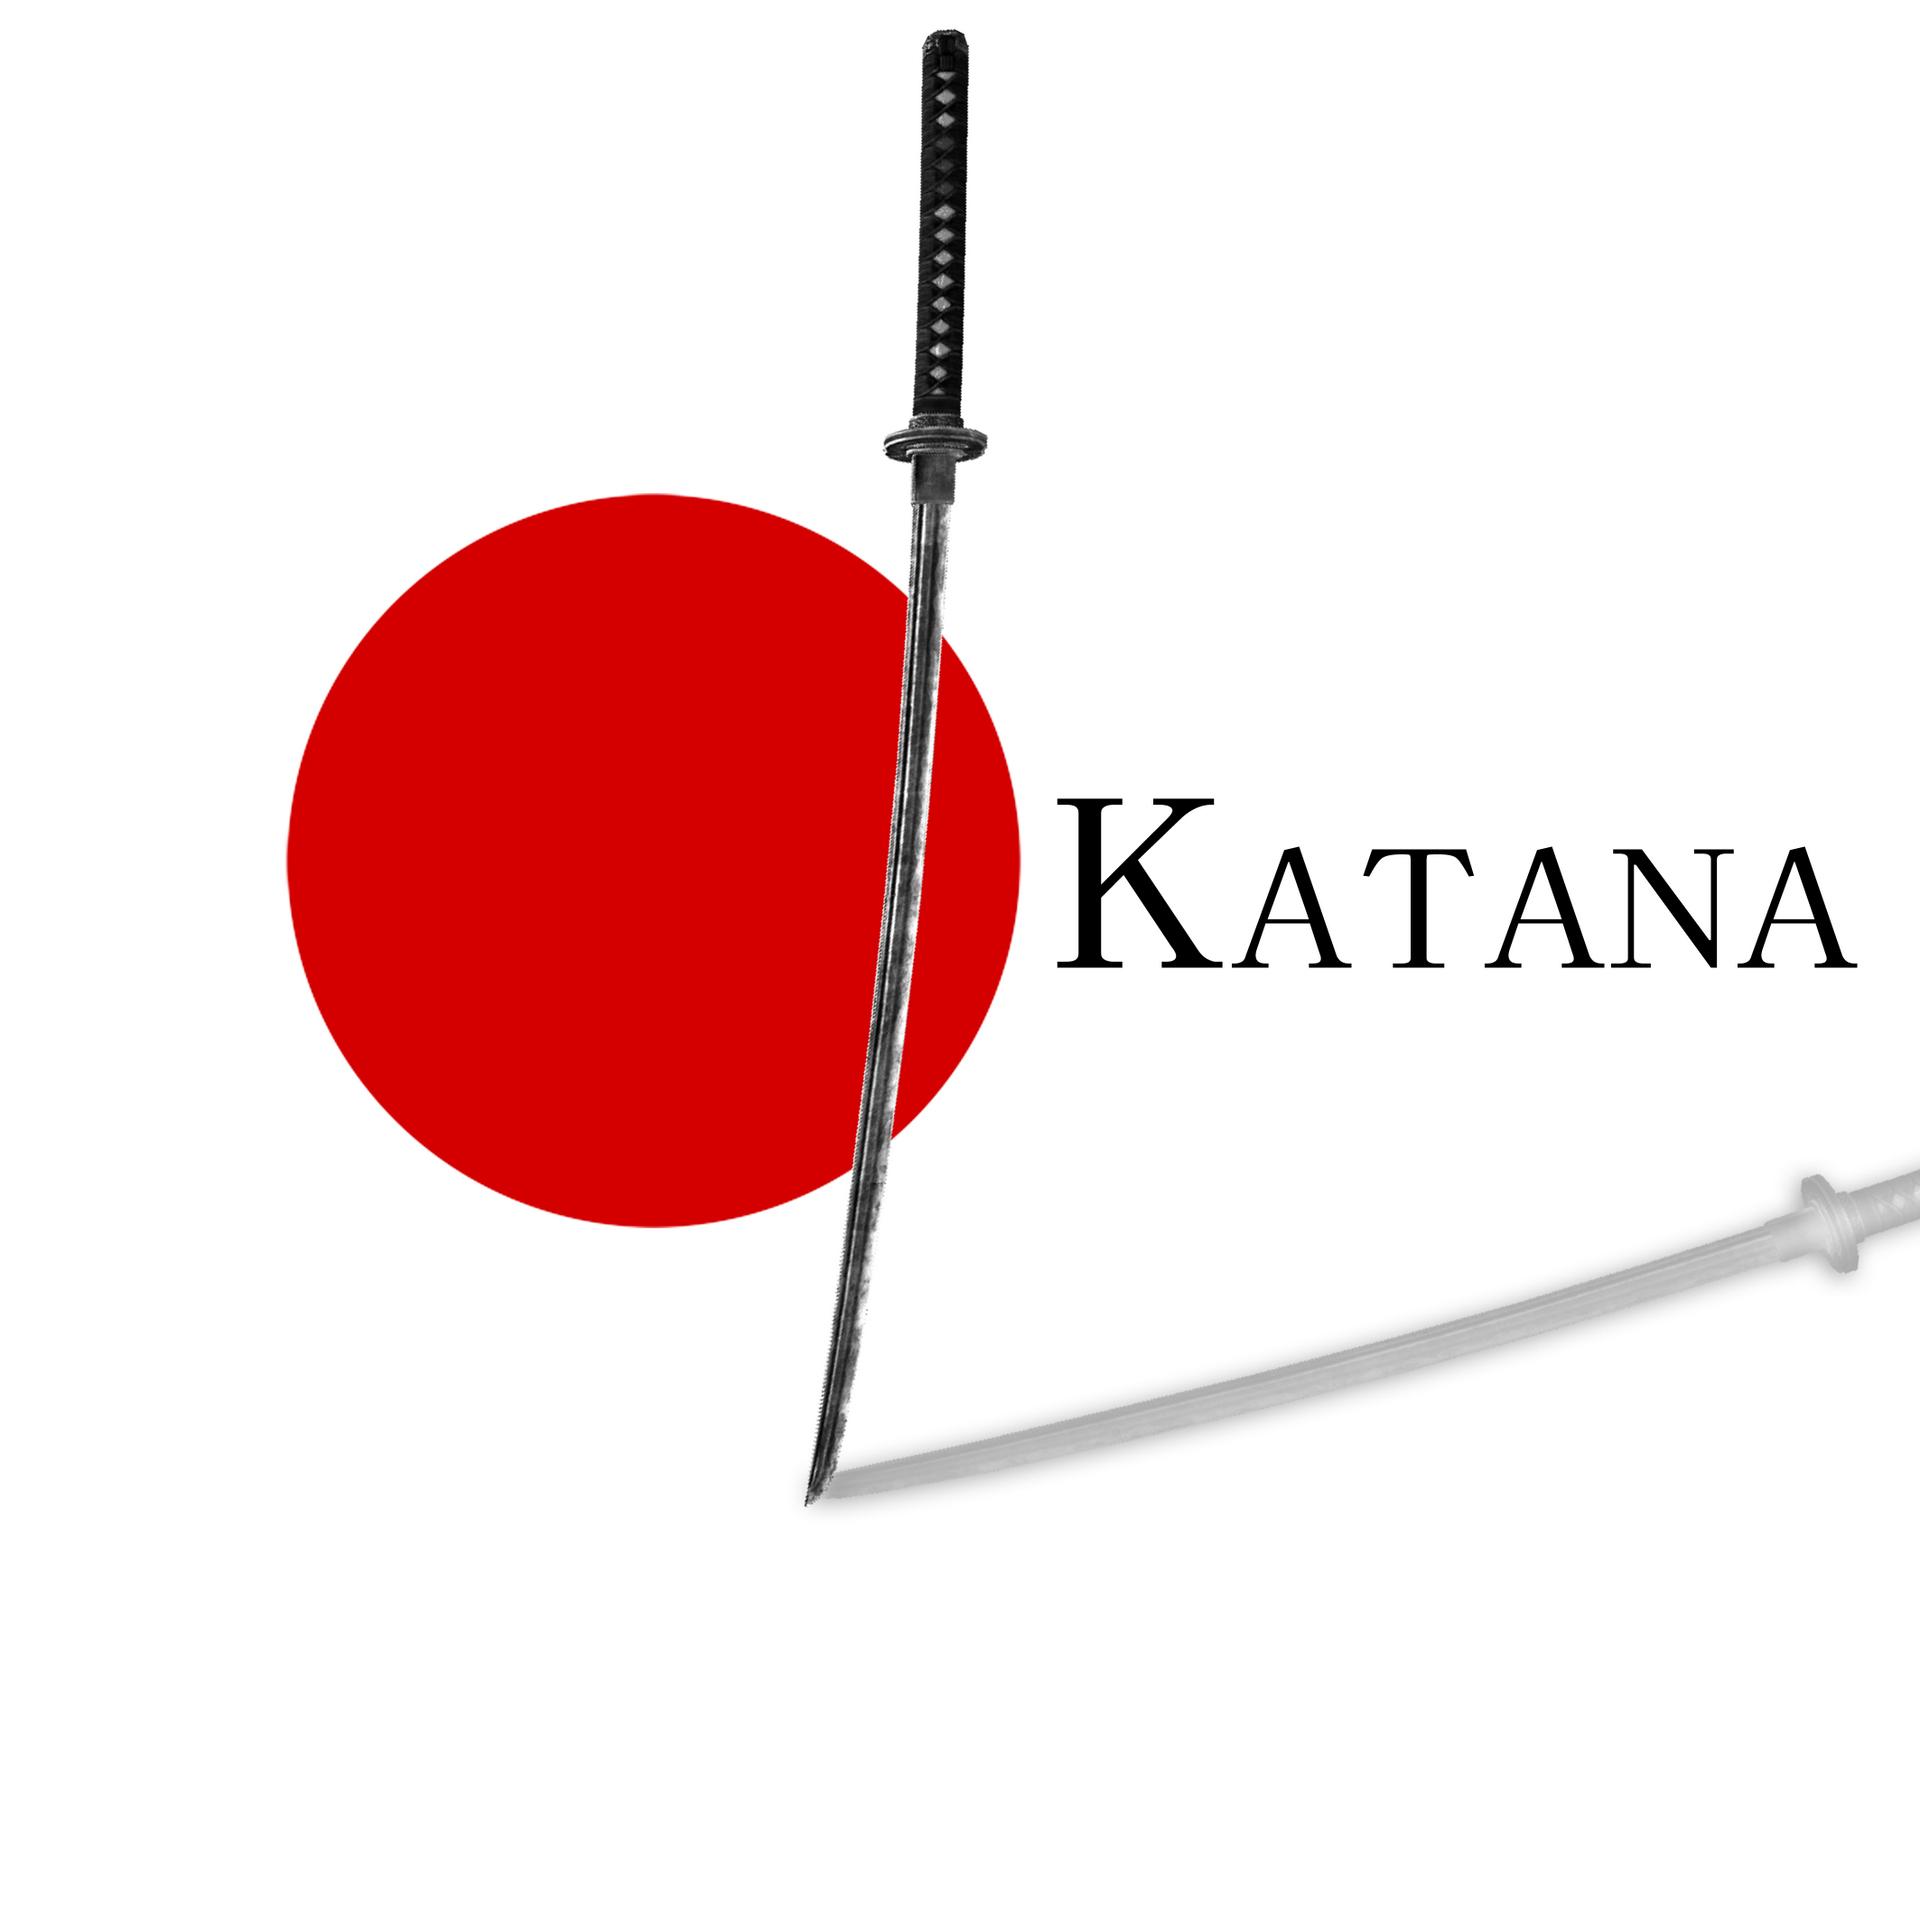 Über Katana